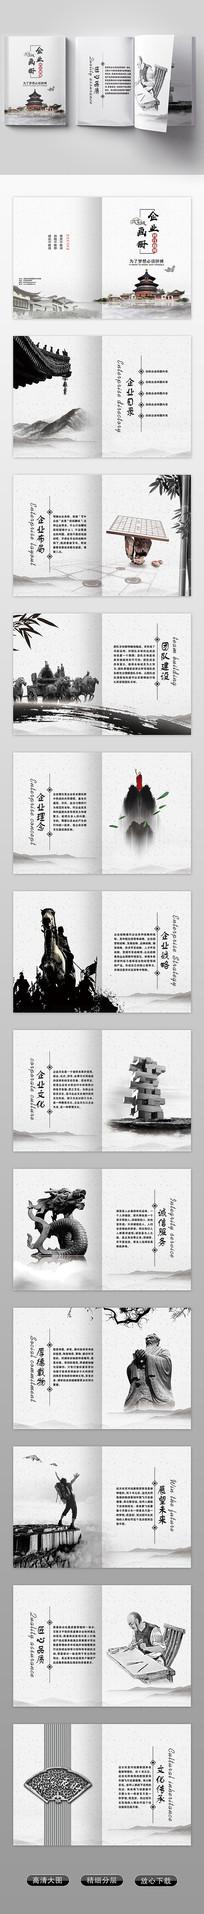 灰度简约大气中国风企业画册